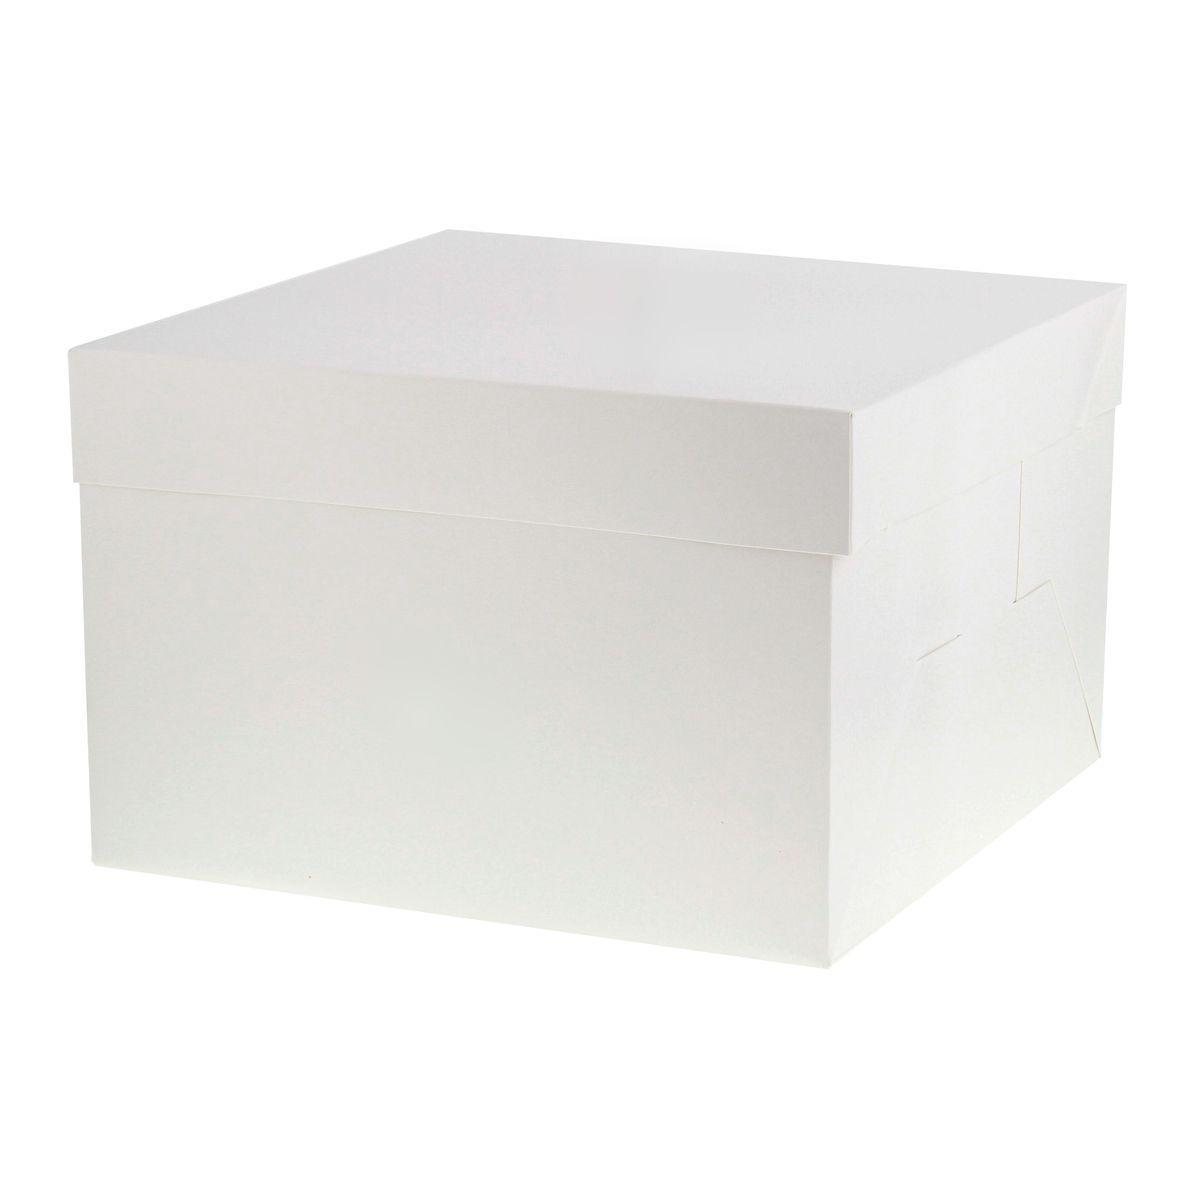 Boîte à gâteaux blanche 25.4 x 25.4 x 20 cm - Patisdecor